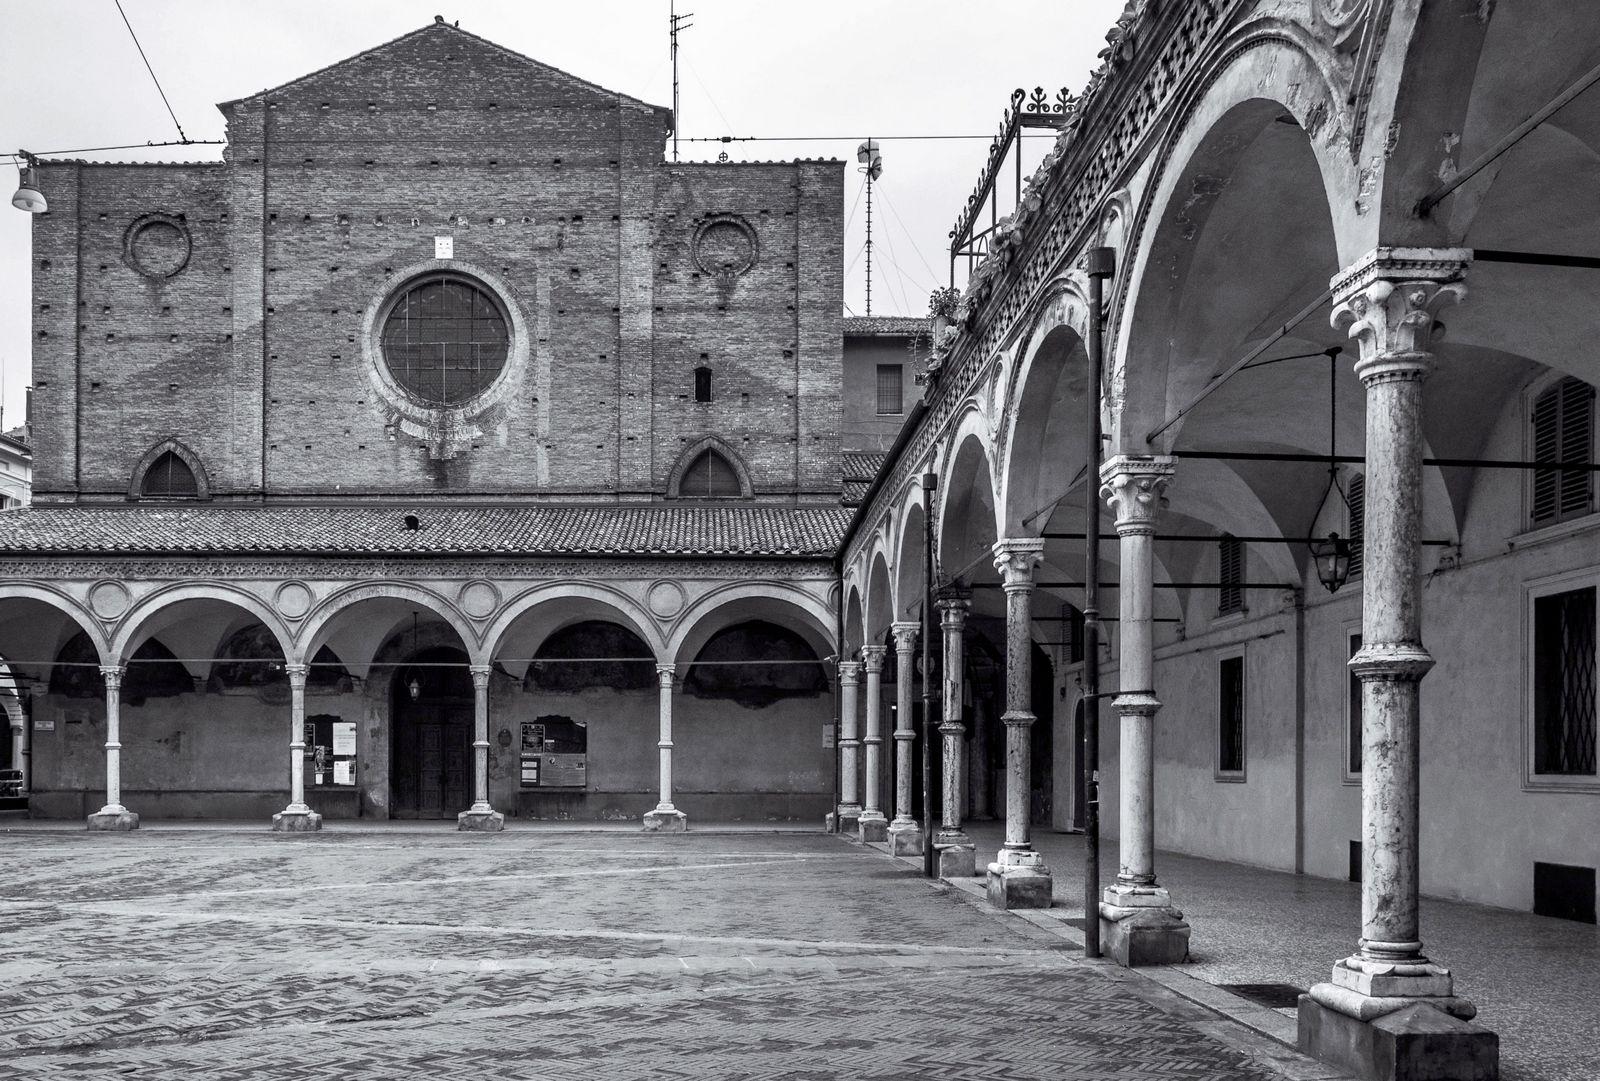 La Excepcional Historia de la Virgen Apareciéndose 3 veces para Fundar una Congregación